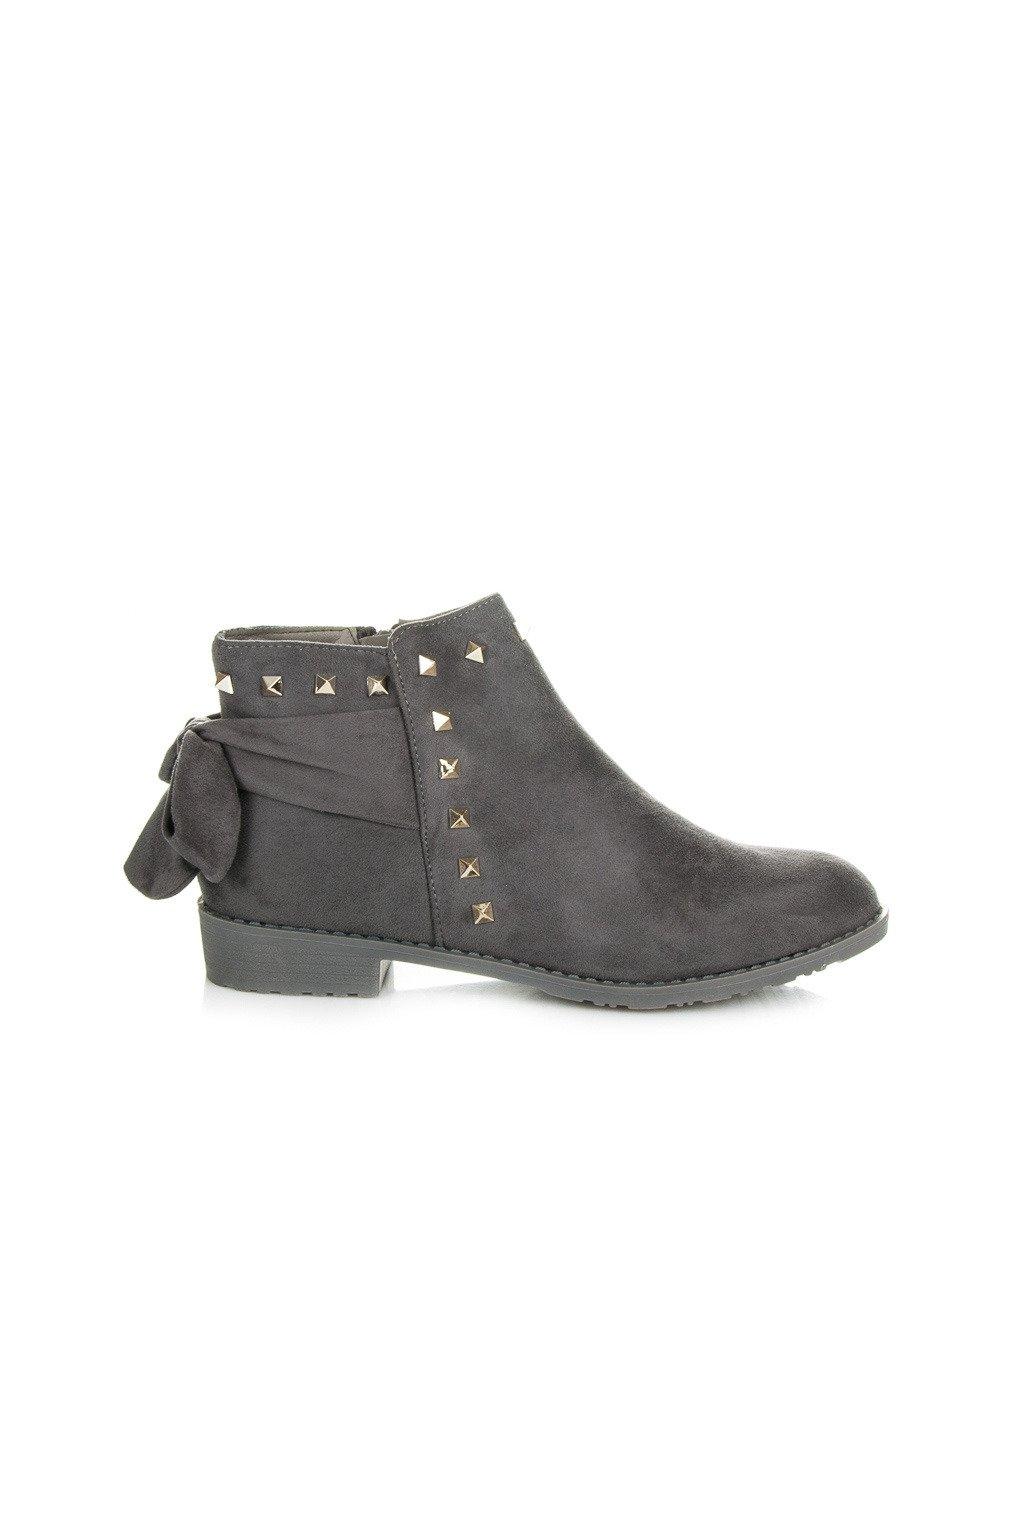 26edfc253 Výpredaj Členkové topánky za najlepšie ceny na Svk/Cz - NAJ.SK